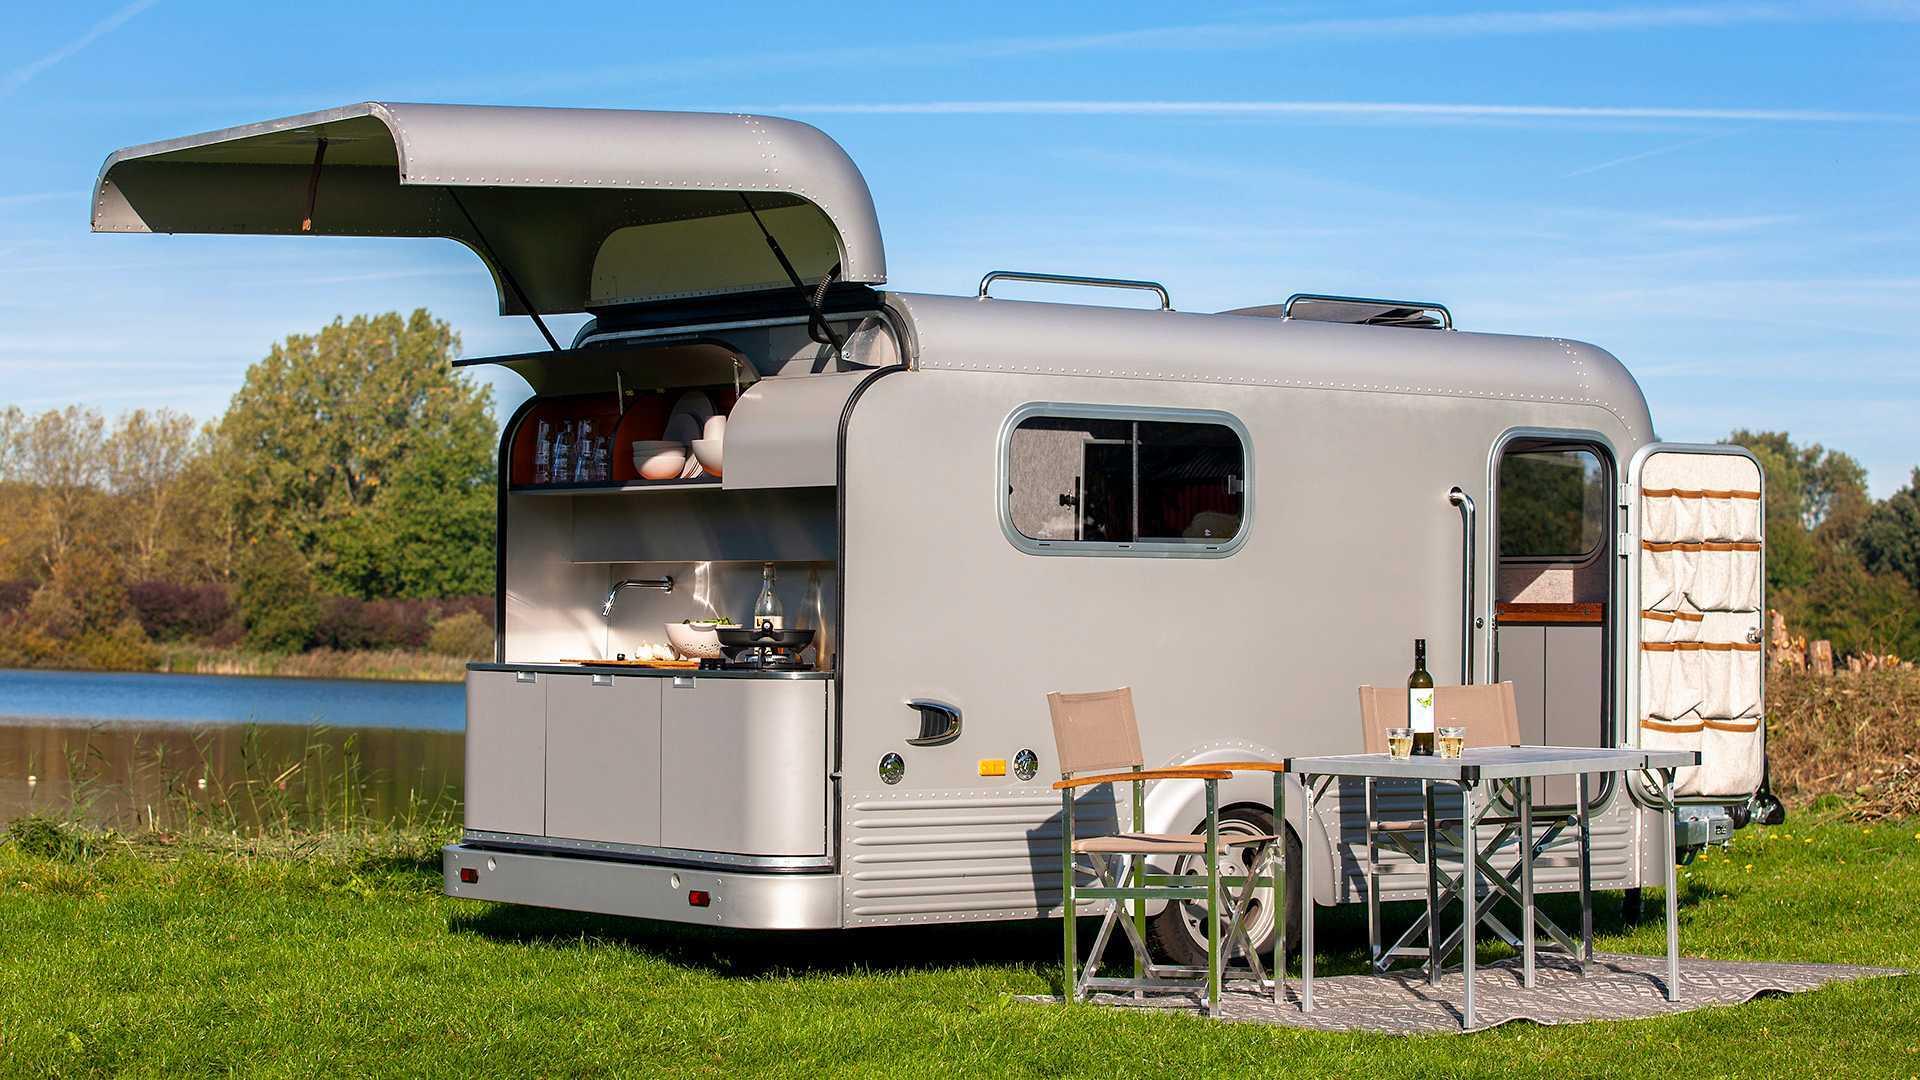 Wohnwagen Mit Außenküche : Die kultigsten offroad wohnwagen u camperstyle